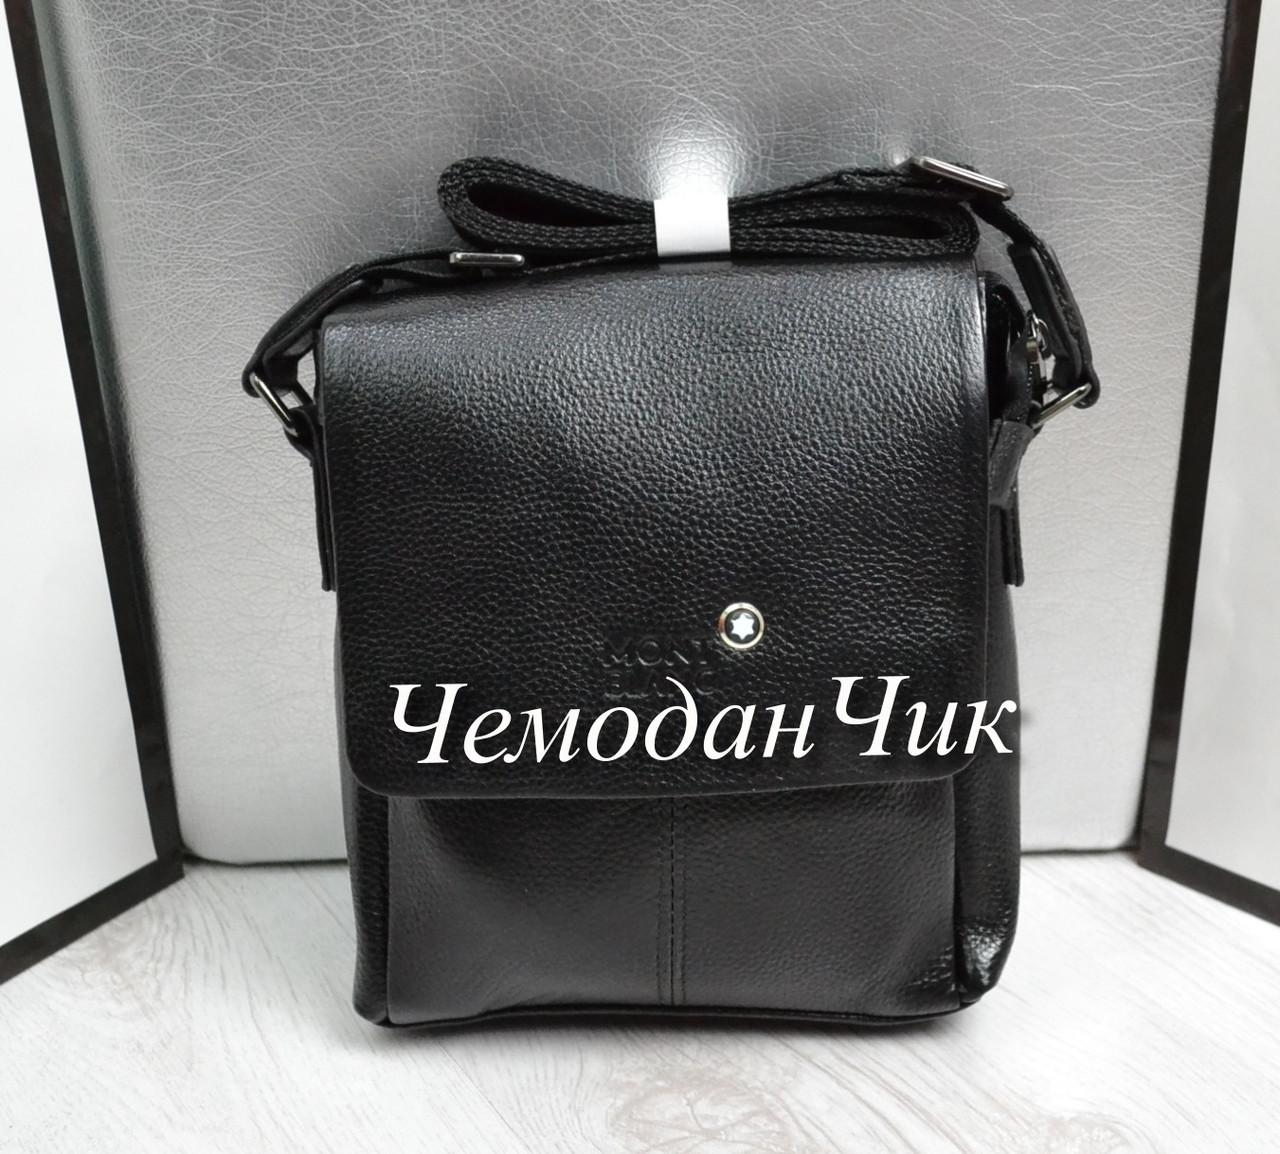 8c2dfdc858a1 Мужская сумка Mont Blanc Мон Блан - ЧЕМОДАНЧИК - самые красивые сумочки по  самой приятной цене